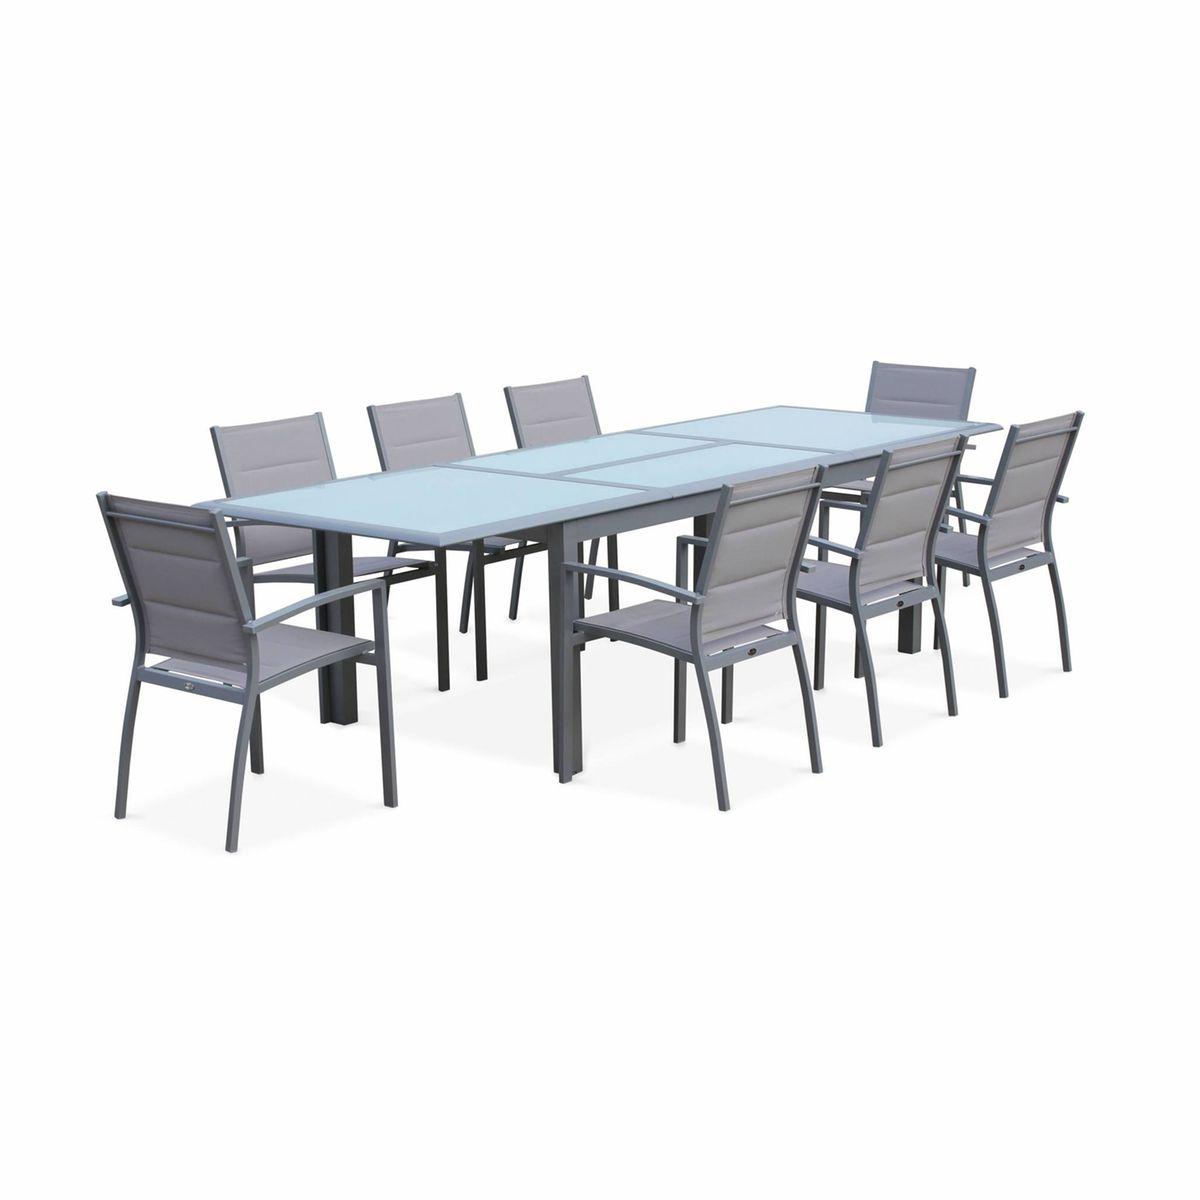 Salon de jardin table extensible - Philadelphie - Table en ...